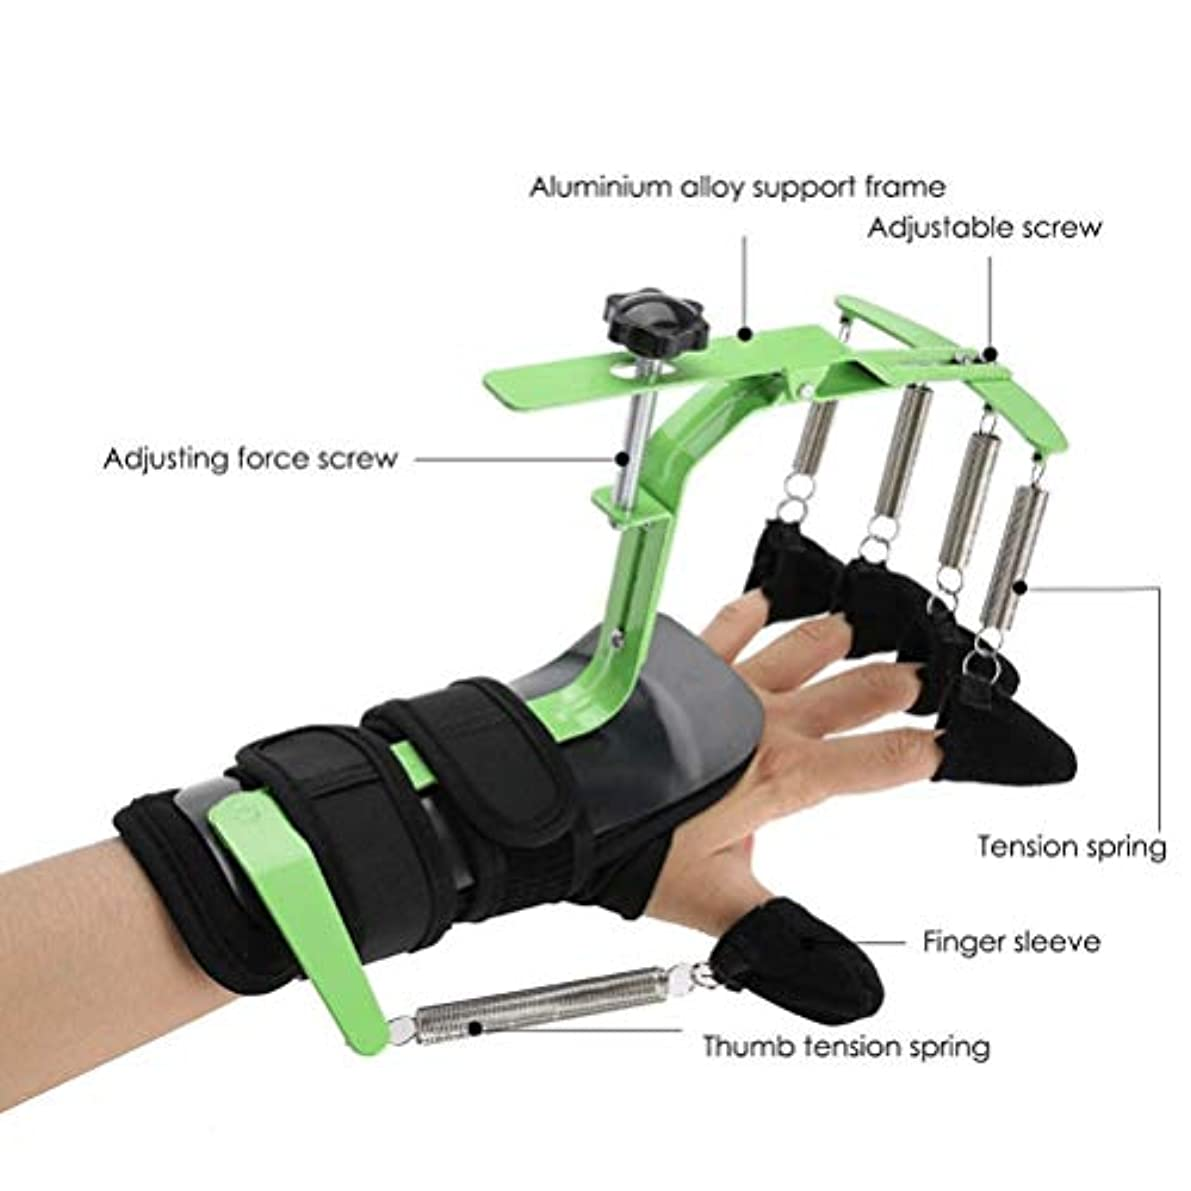 教義ほめるファウル脳卒中片麻痺患者の指セパレータースプリントのためにリハビリテーションブレース指トレーニング、デバイスにサポートの手の手首のインソールトレーニング機器を指